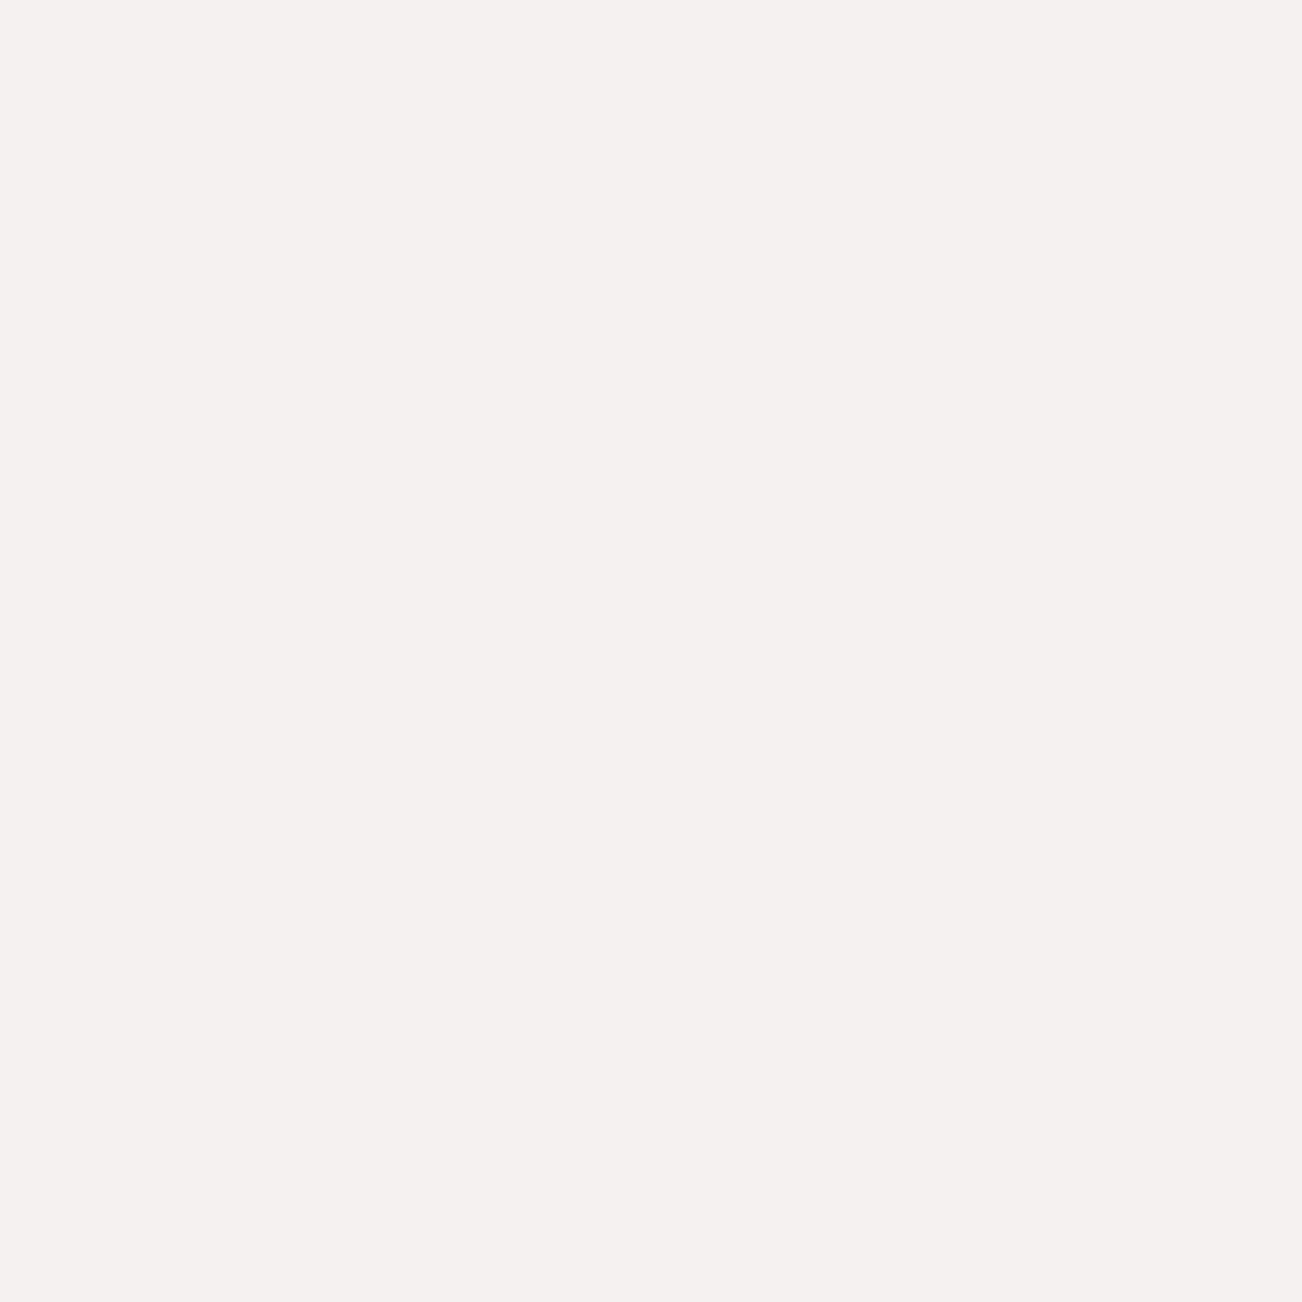 【サイズ選択可】コスプレ衣装 T-0230 ファンタスティック?ビーストと魔法使いの旅 ニュート?スキャマンダー 男性Lサイズ